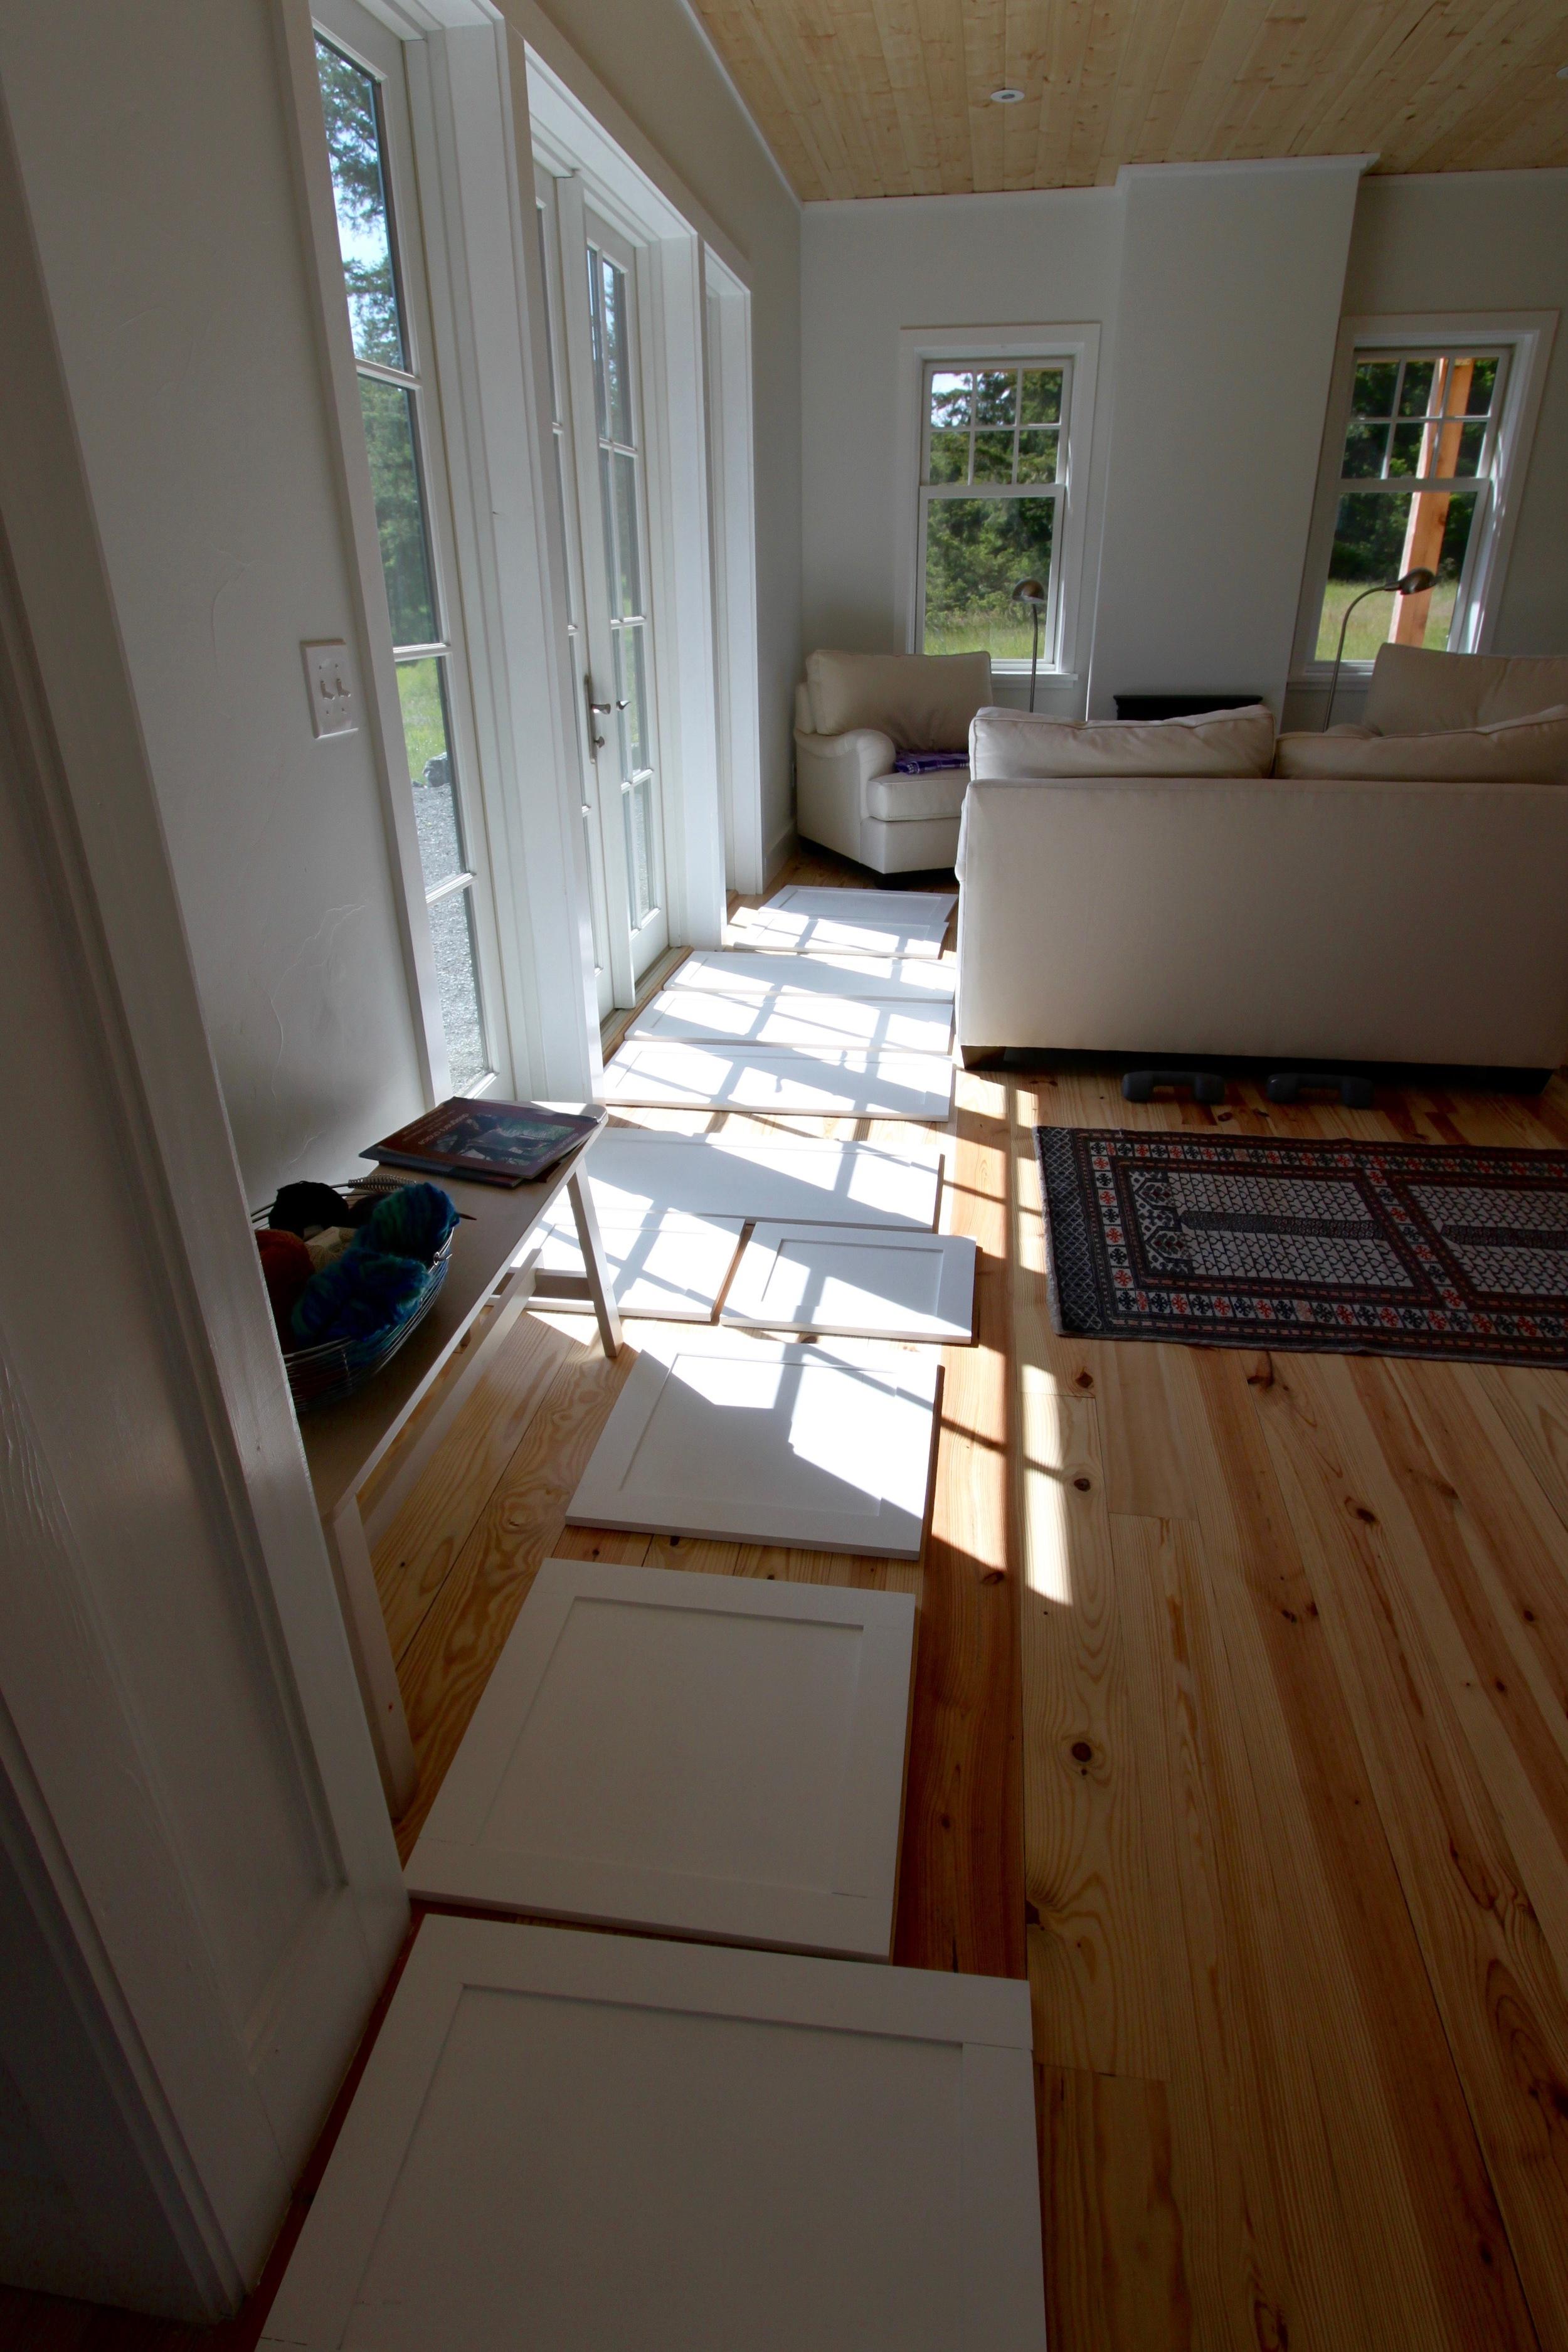 painting white cabinet doors.jpg